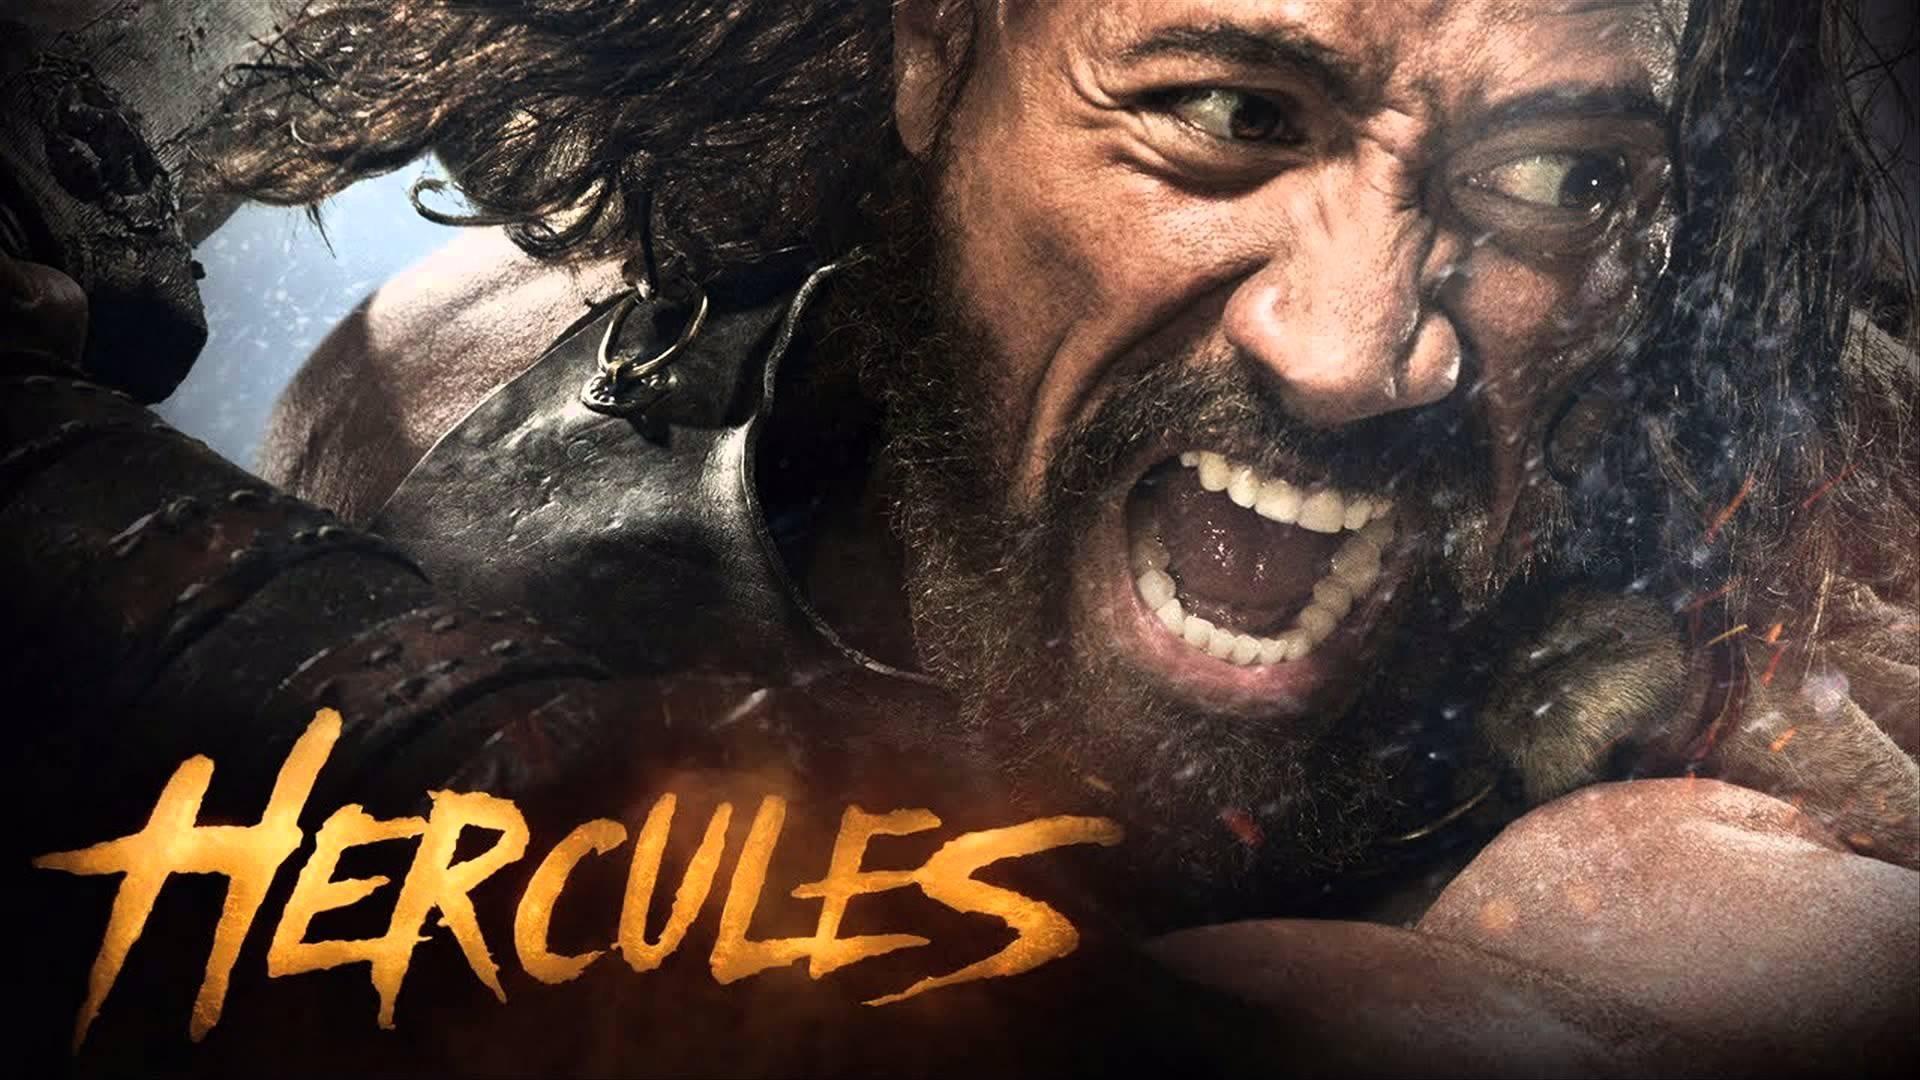 Hercules - už čoskoro v predaji !